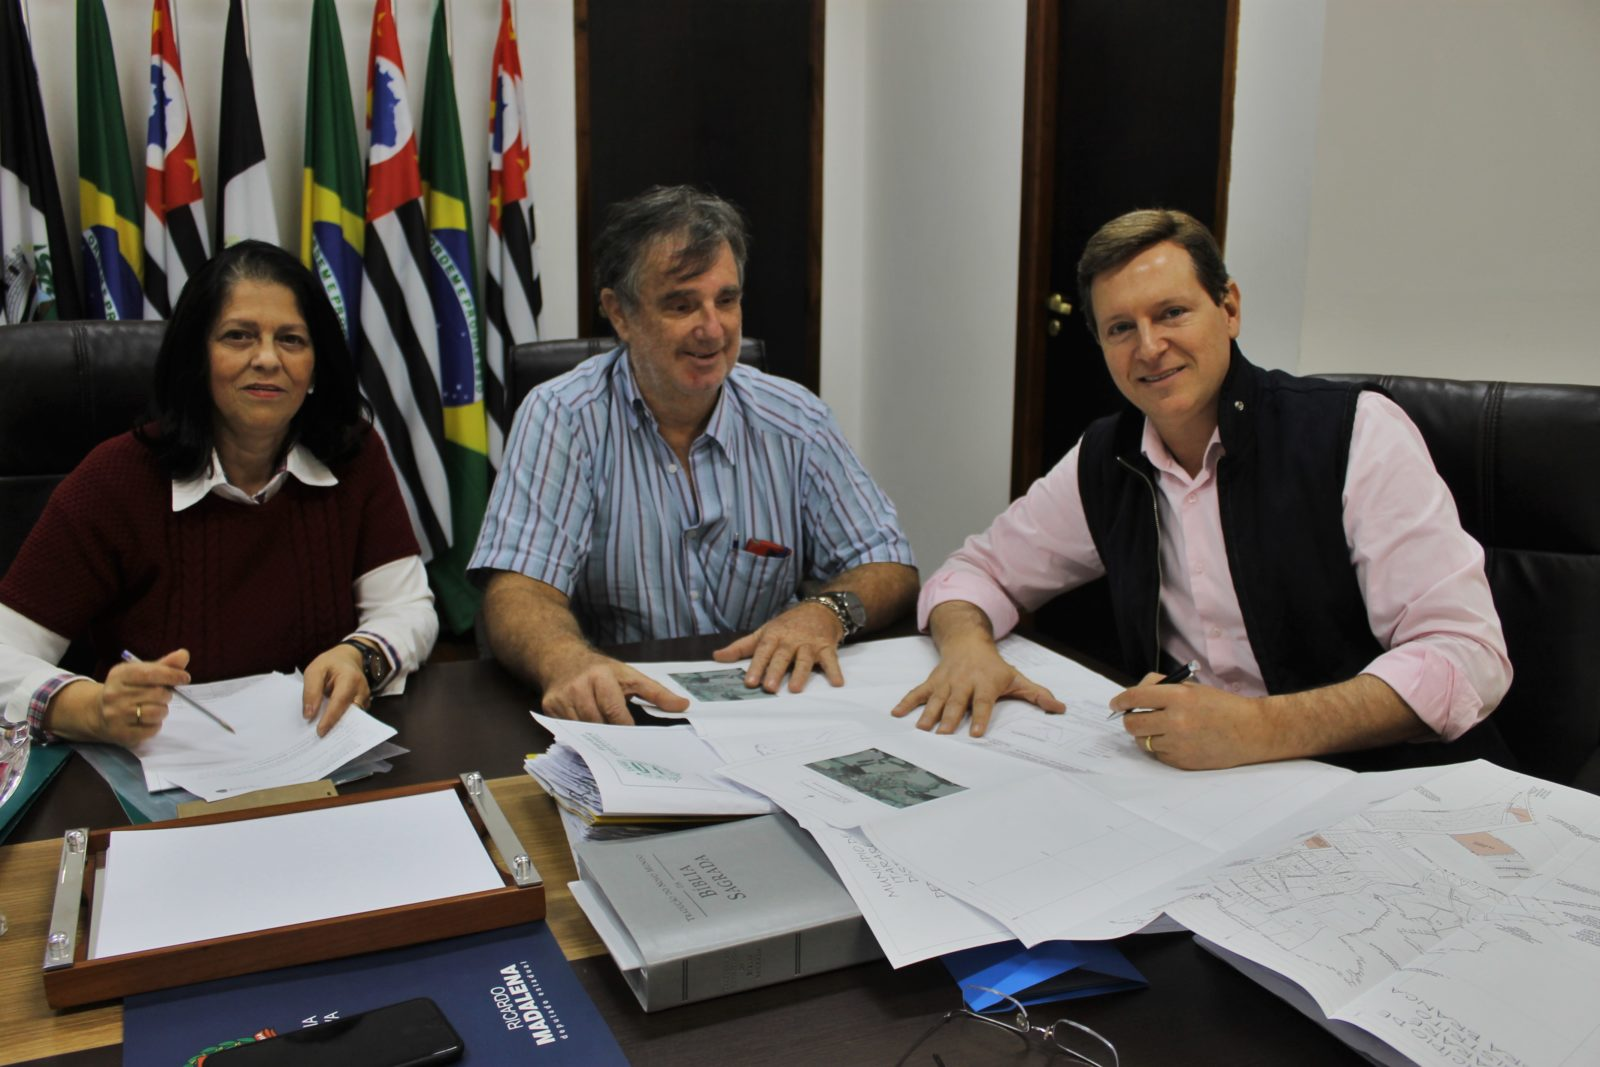 Inédito: Prefeitura de Itararé (SP) realiza trabalho de regulamentação de terrenos no Distrito de Pedra Branca